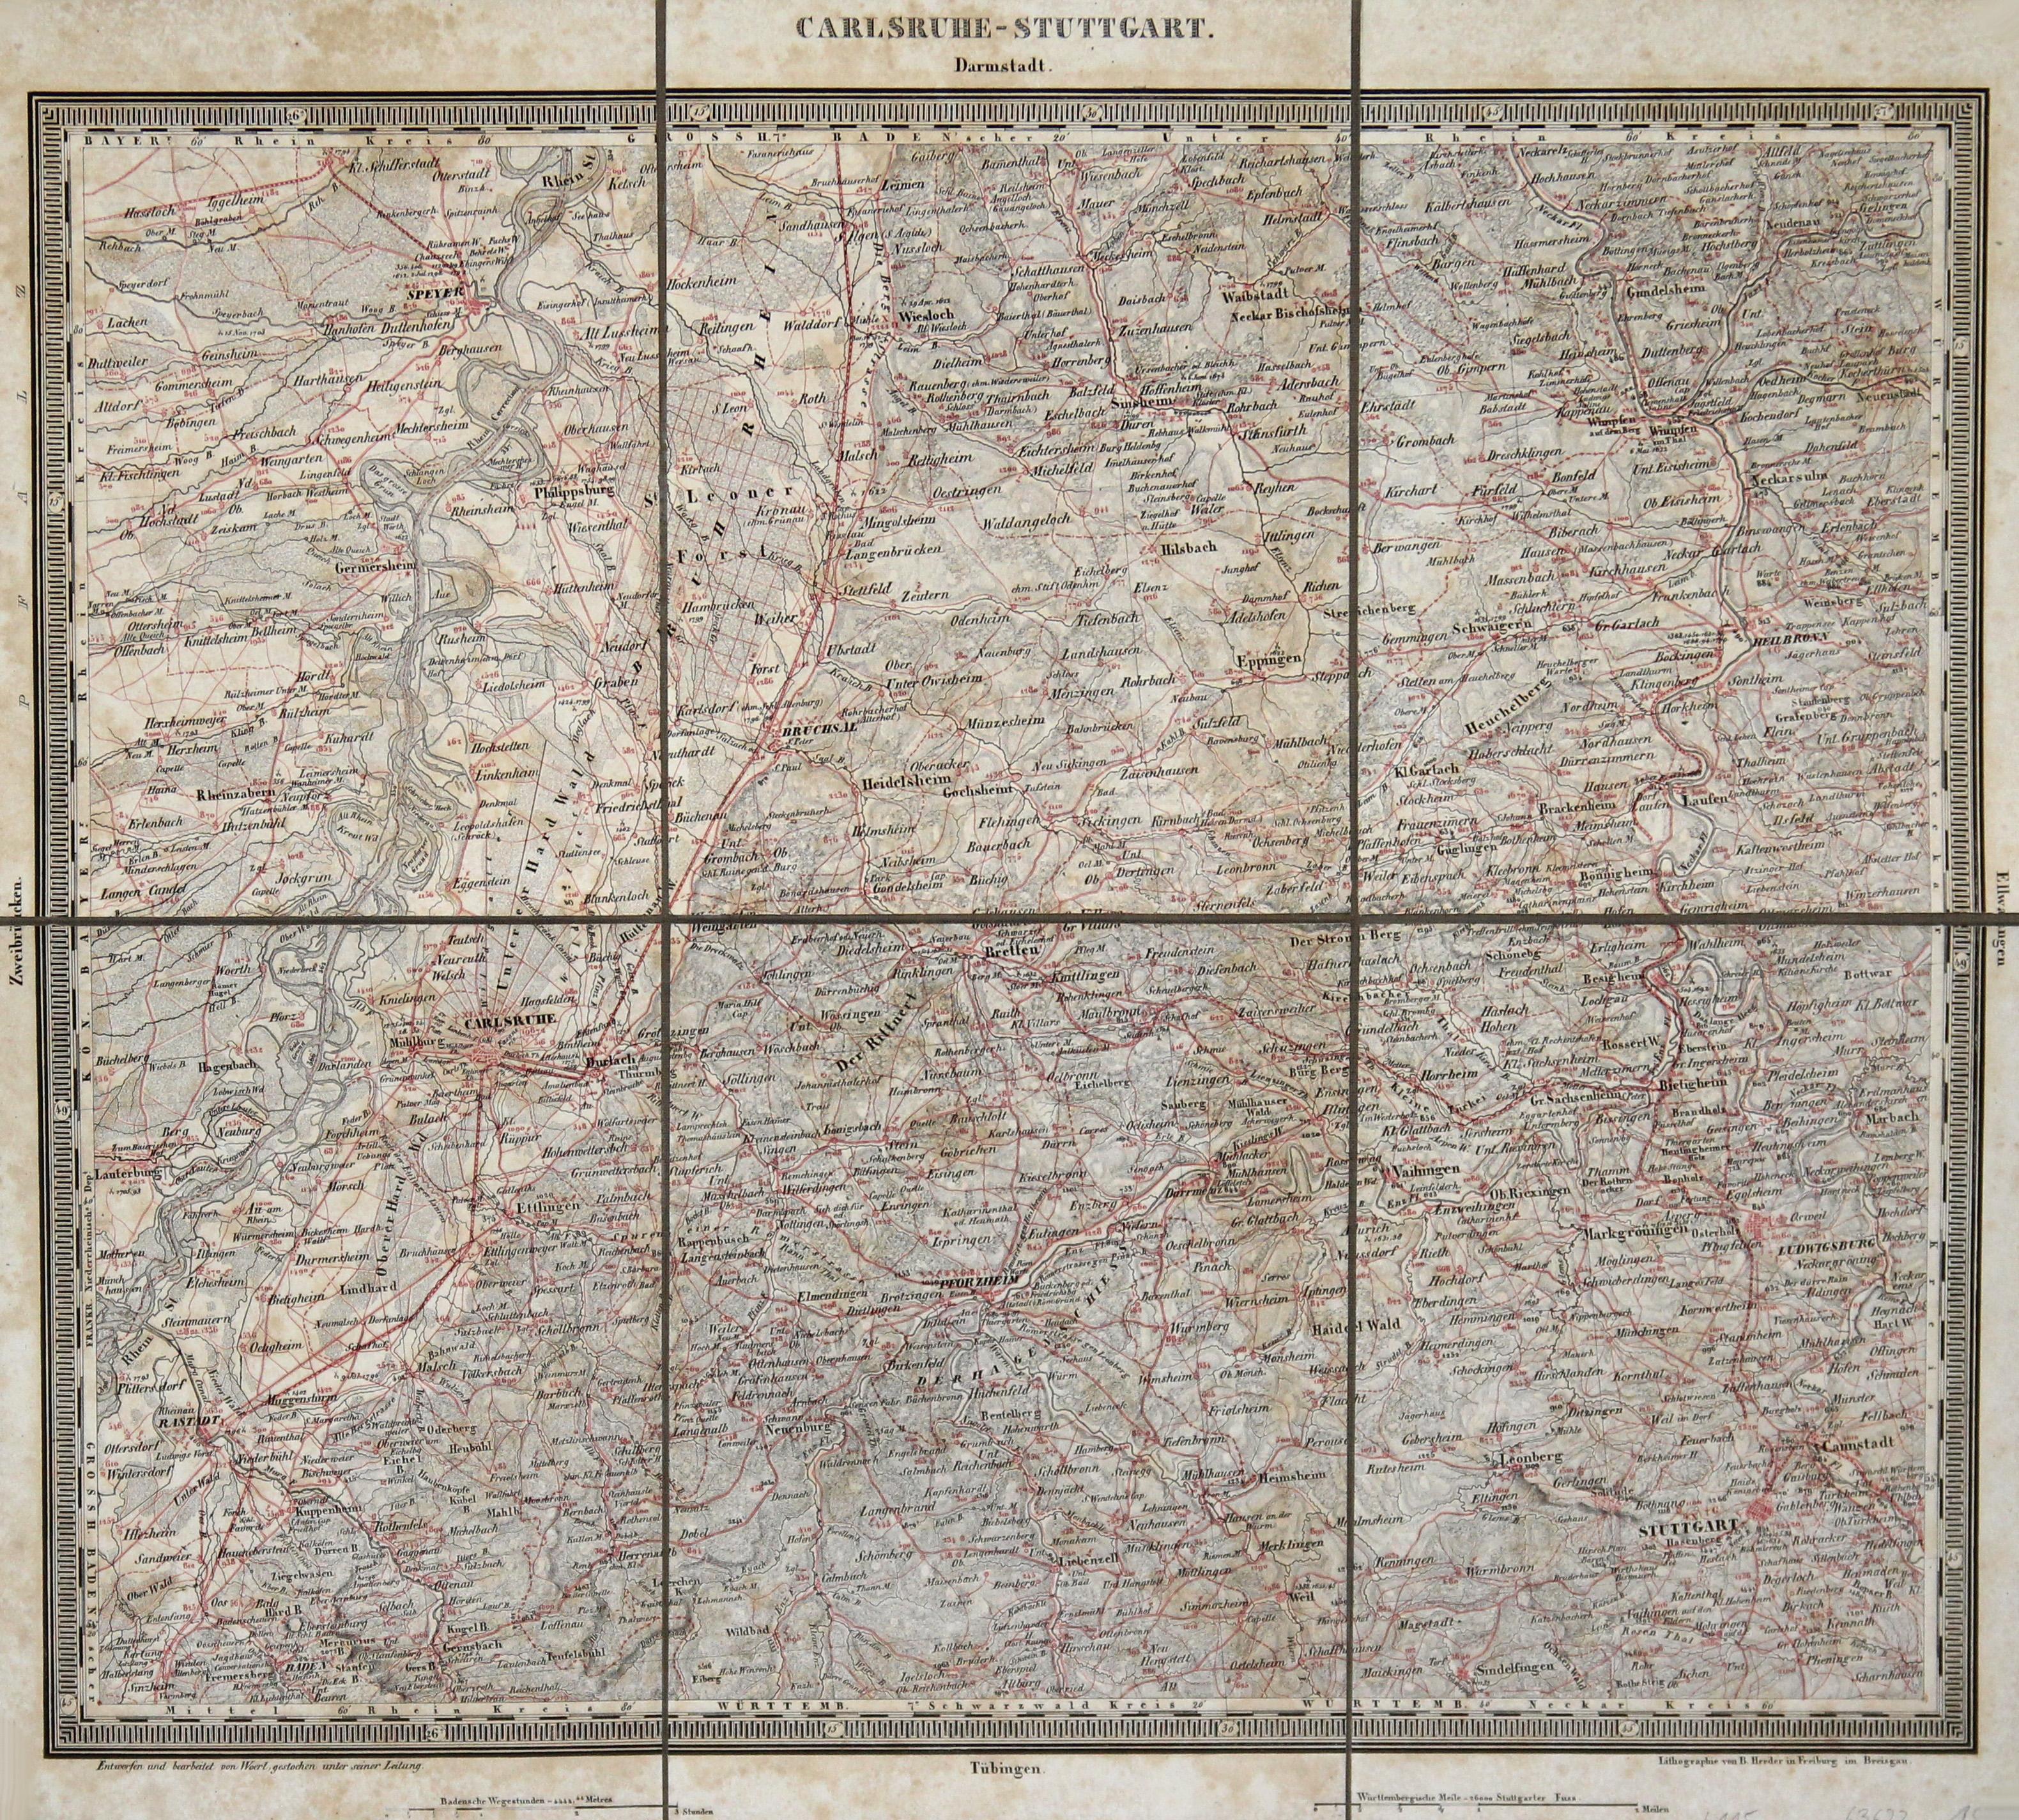 Karlsruhe Karte Umgebung.Litho Karte N Woerl B Herder